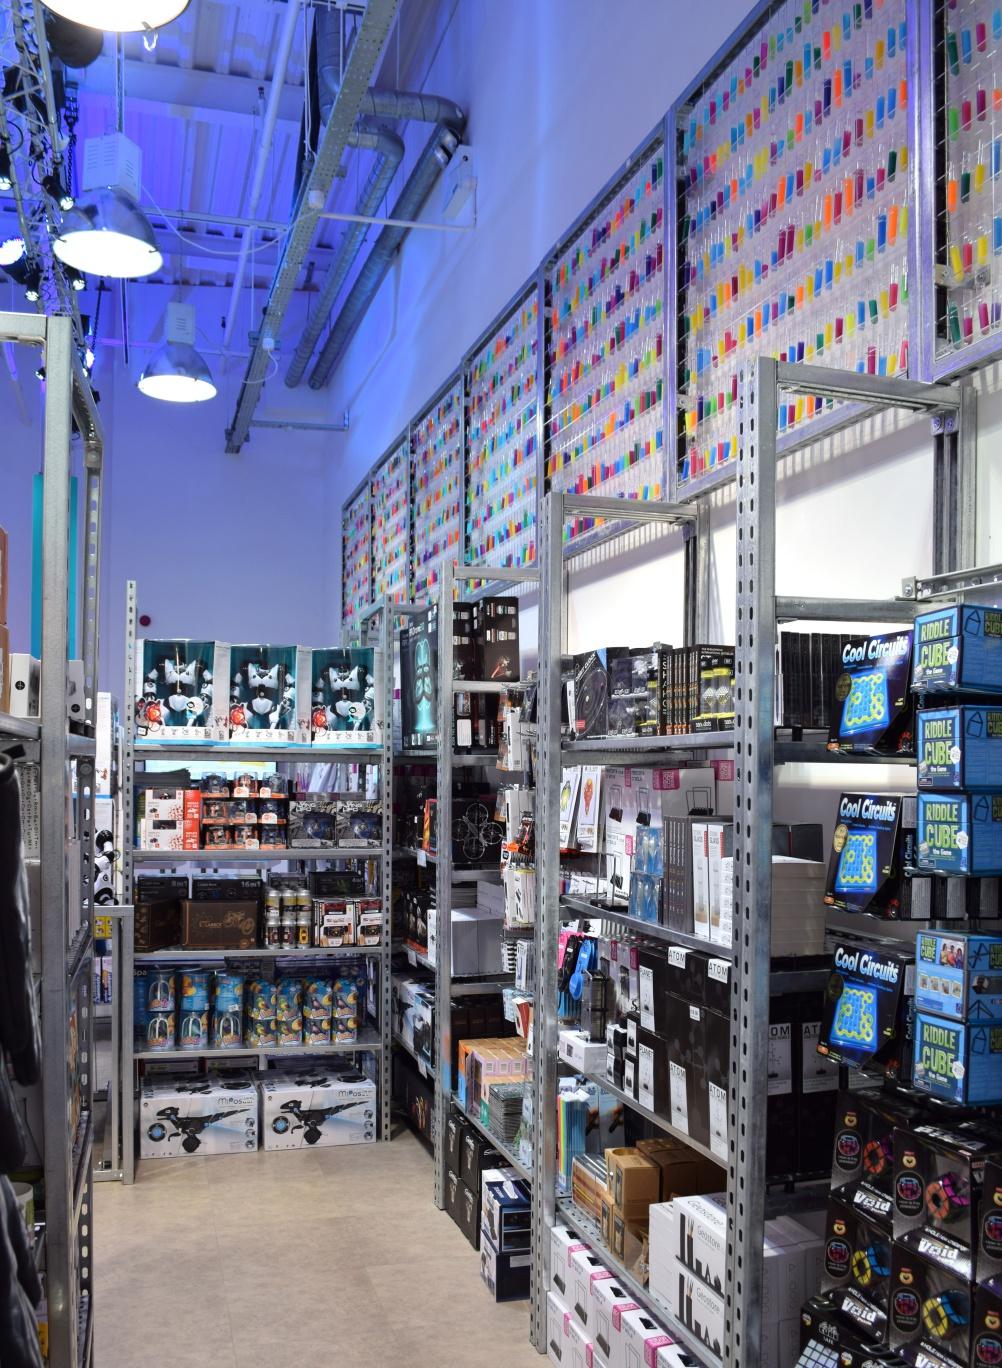 344-04-ScienceMuseumStore-BATStudio